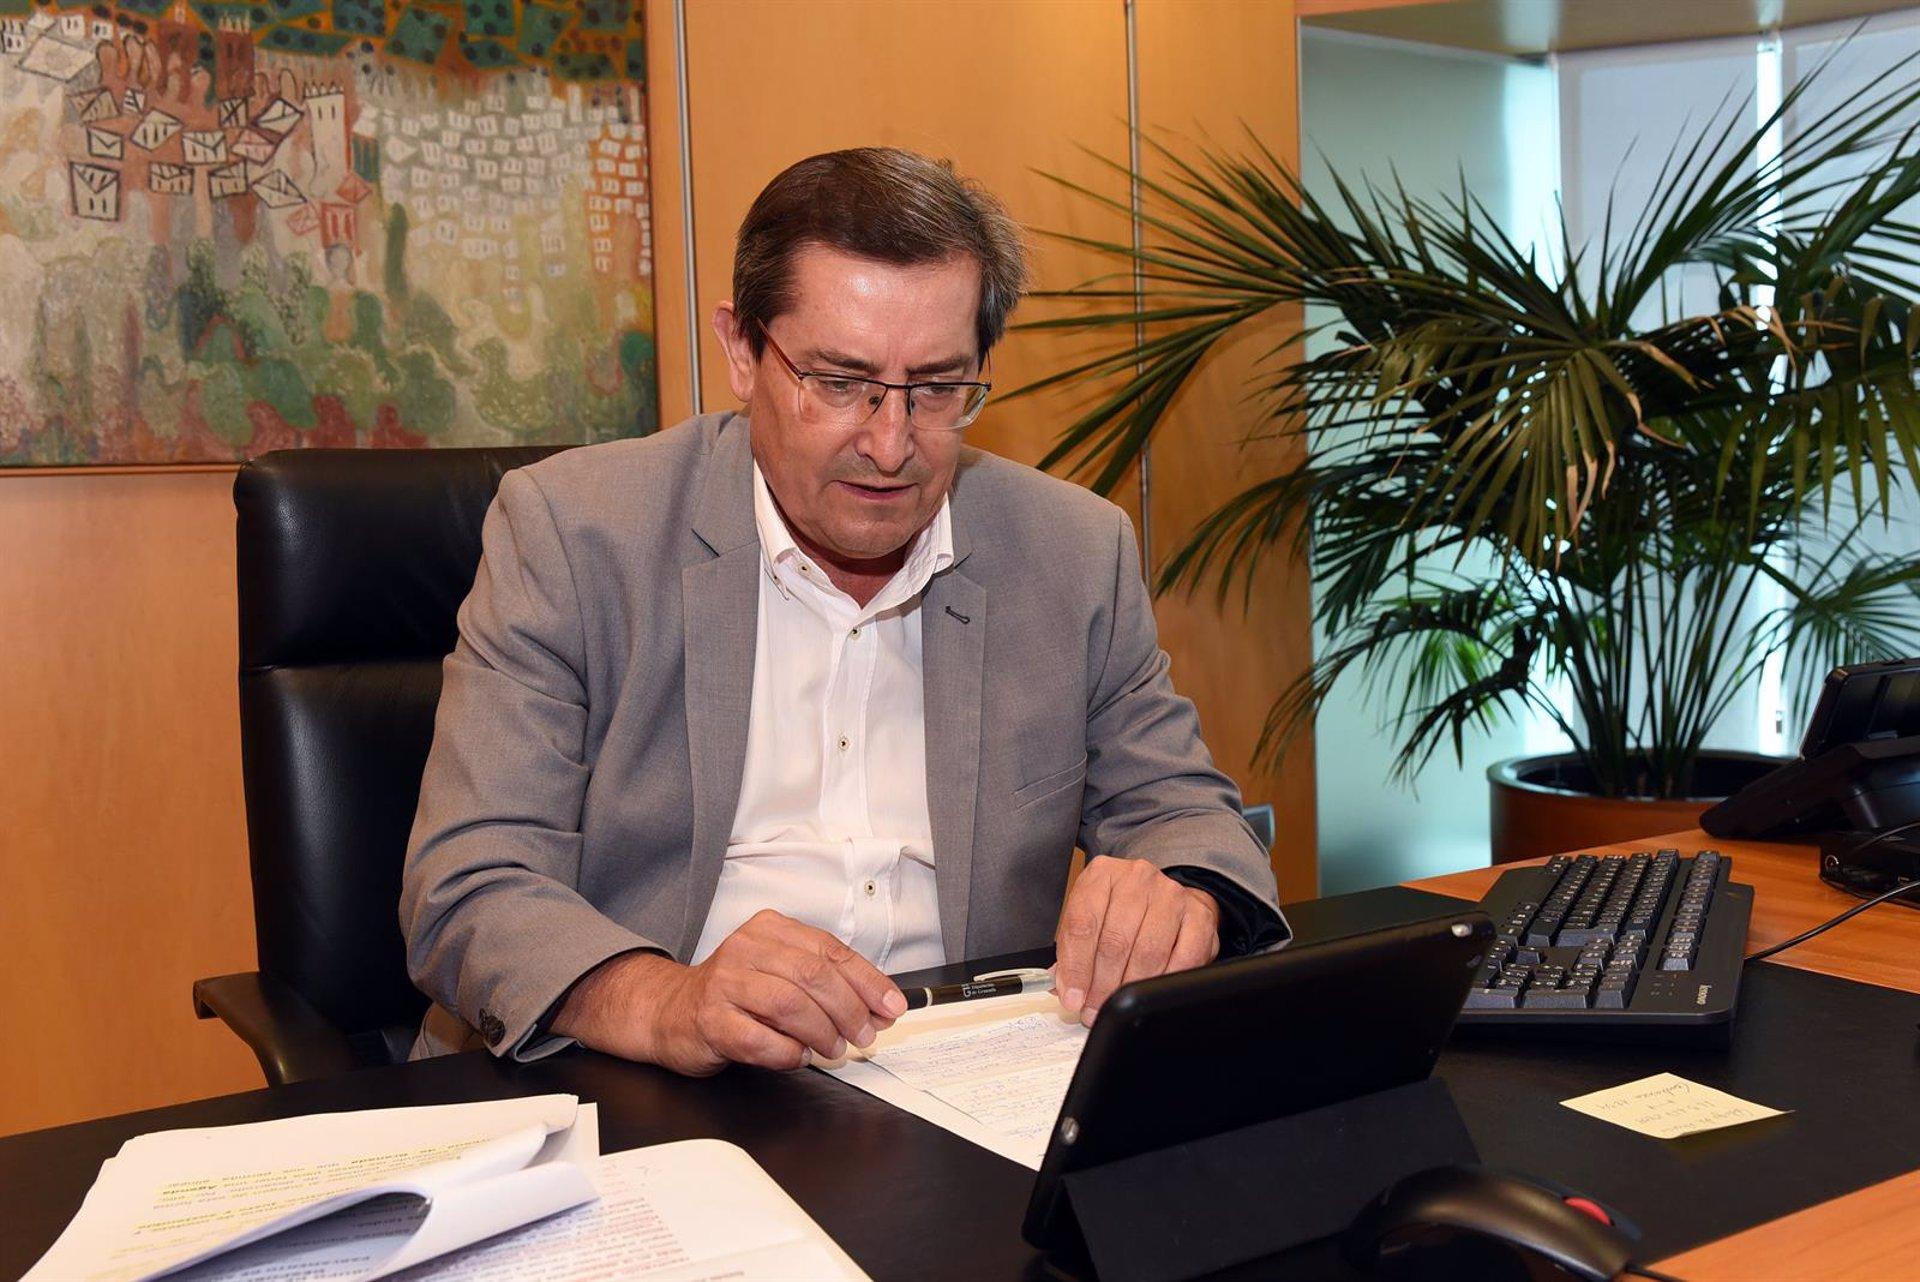 Entrena reivindica en un Foro Europeo de Despoblación el papel de las entidades locales en esta materia